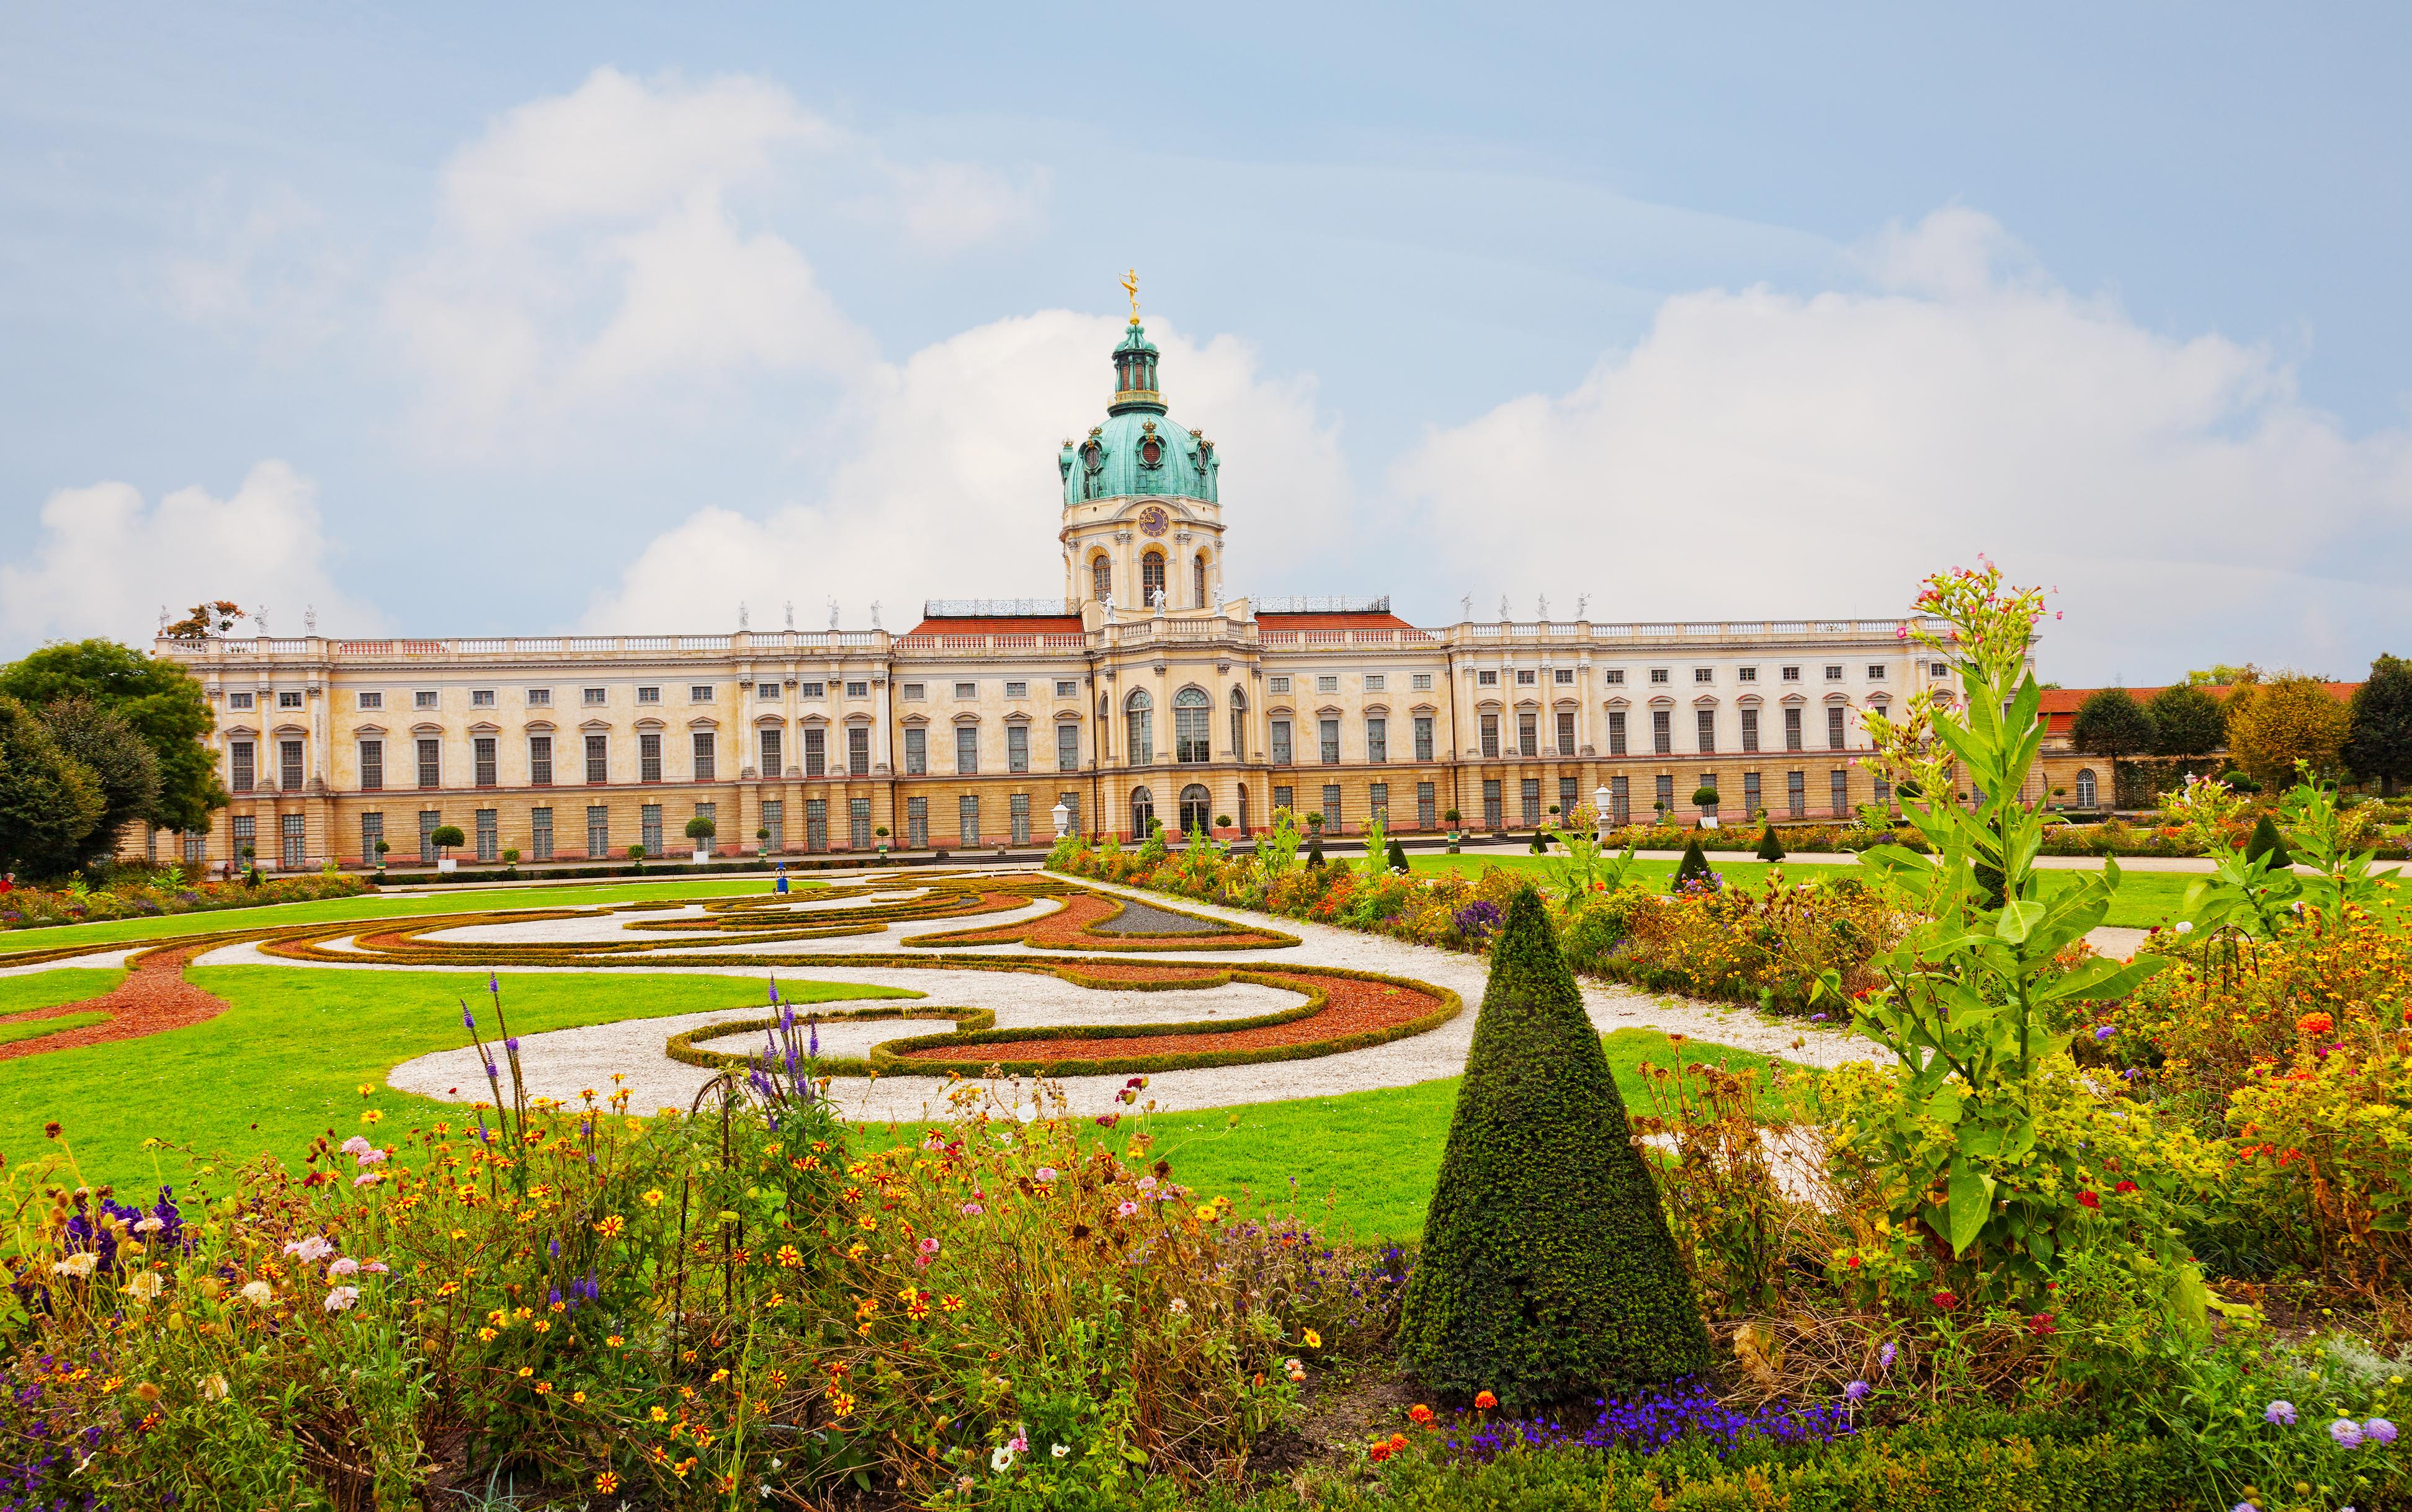 Resultado de imagen de charlottenburg palace